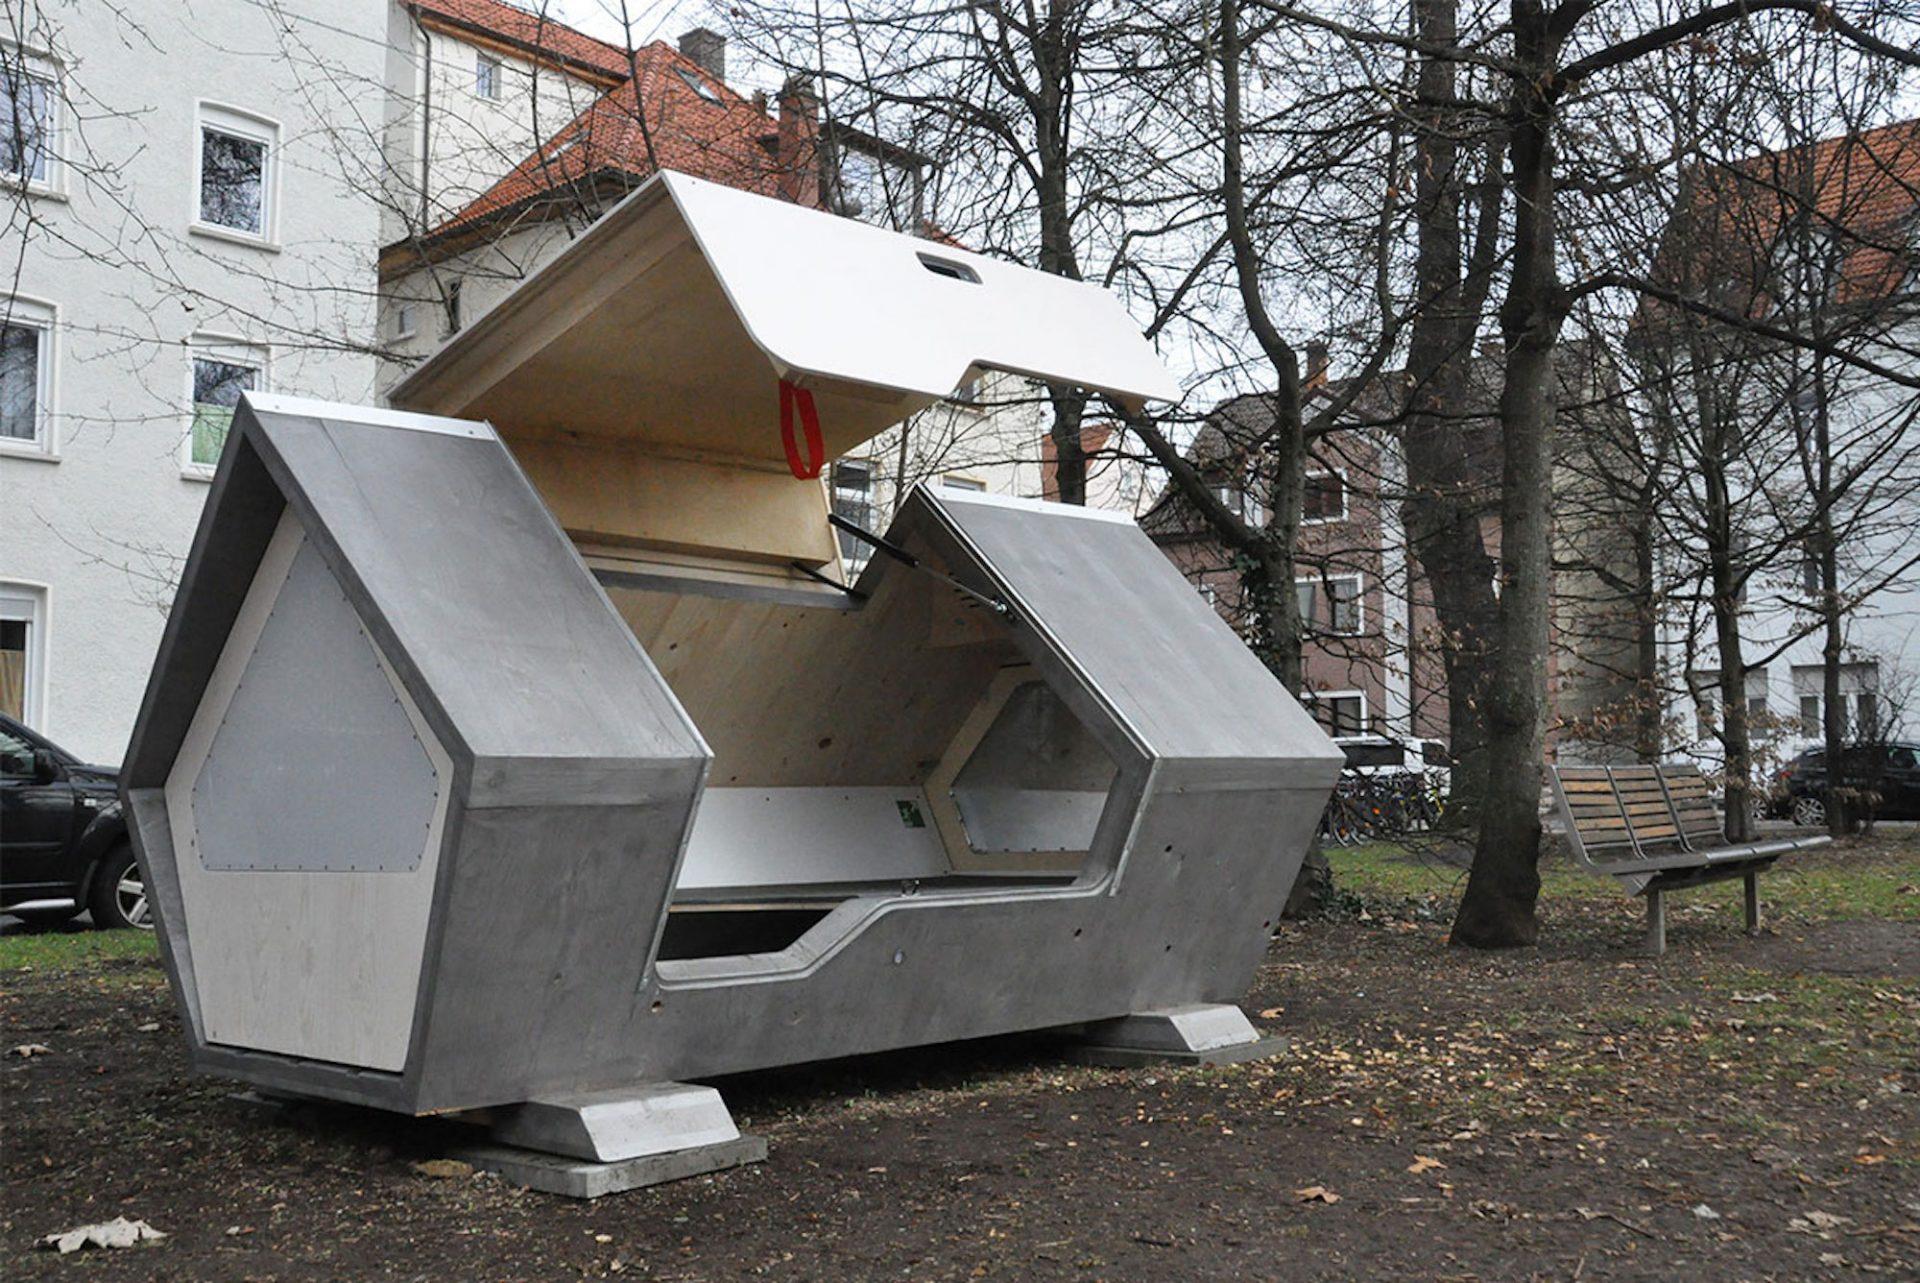 Ulm Nest : des capsules de sommeil pour protéger les sans-abri du froid